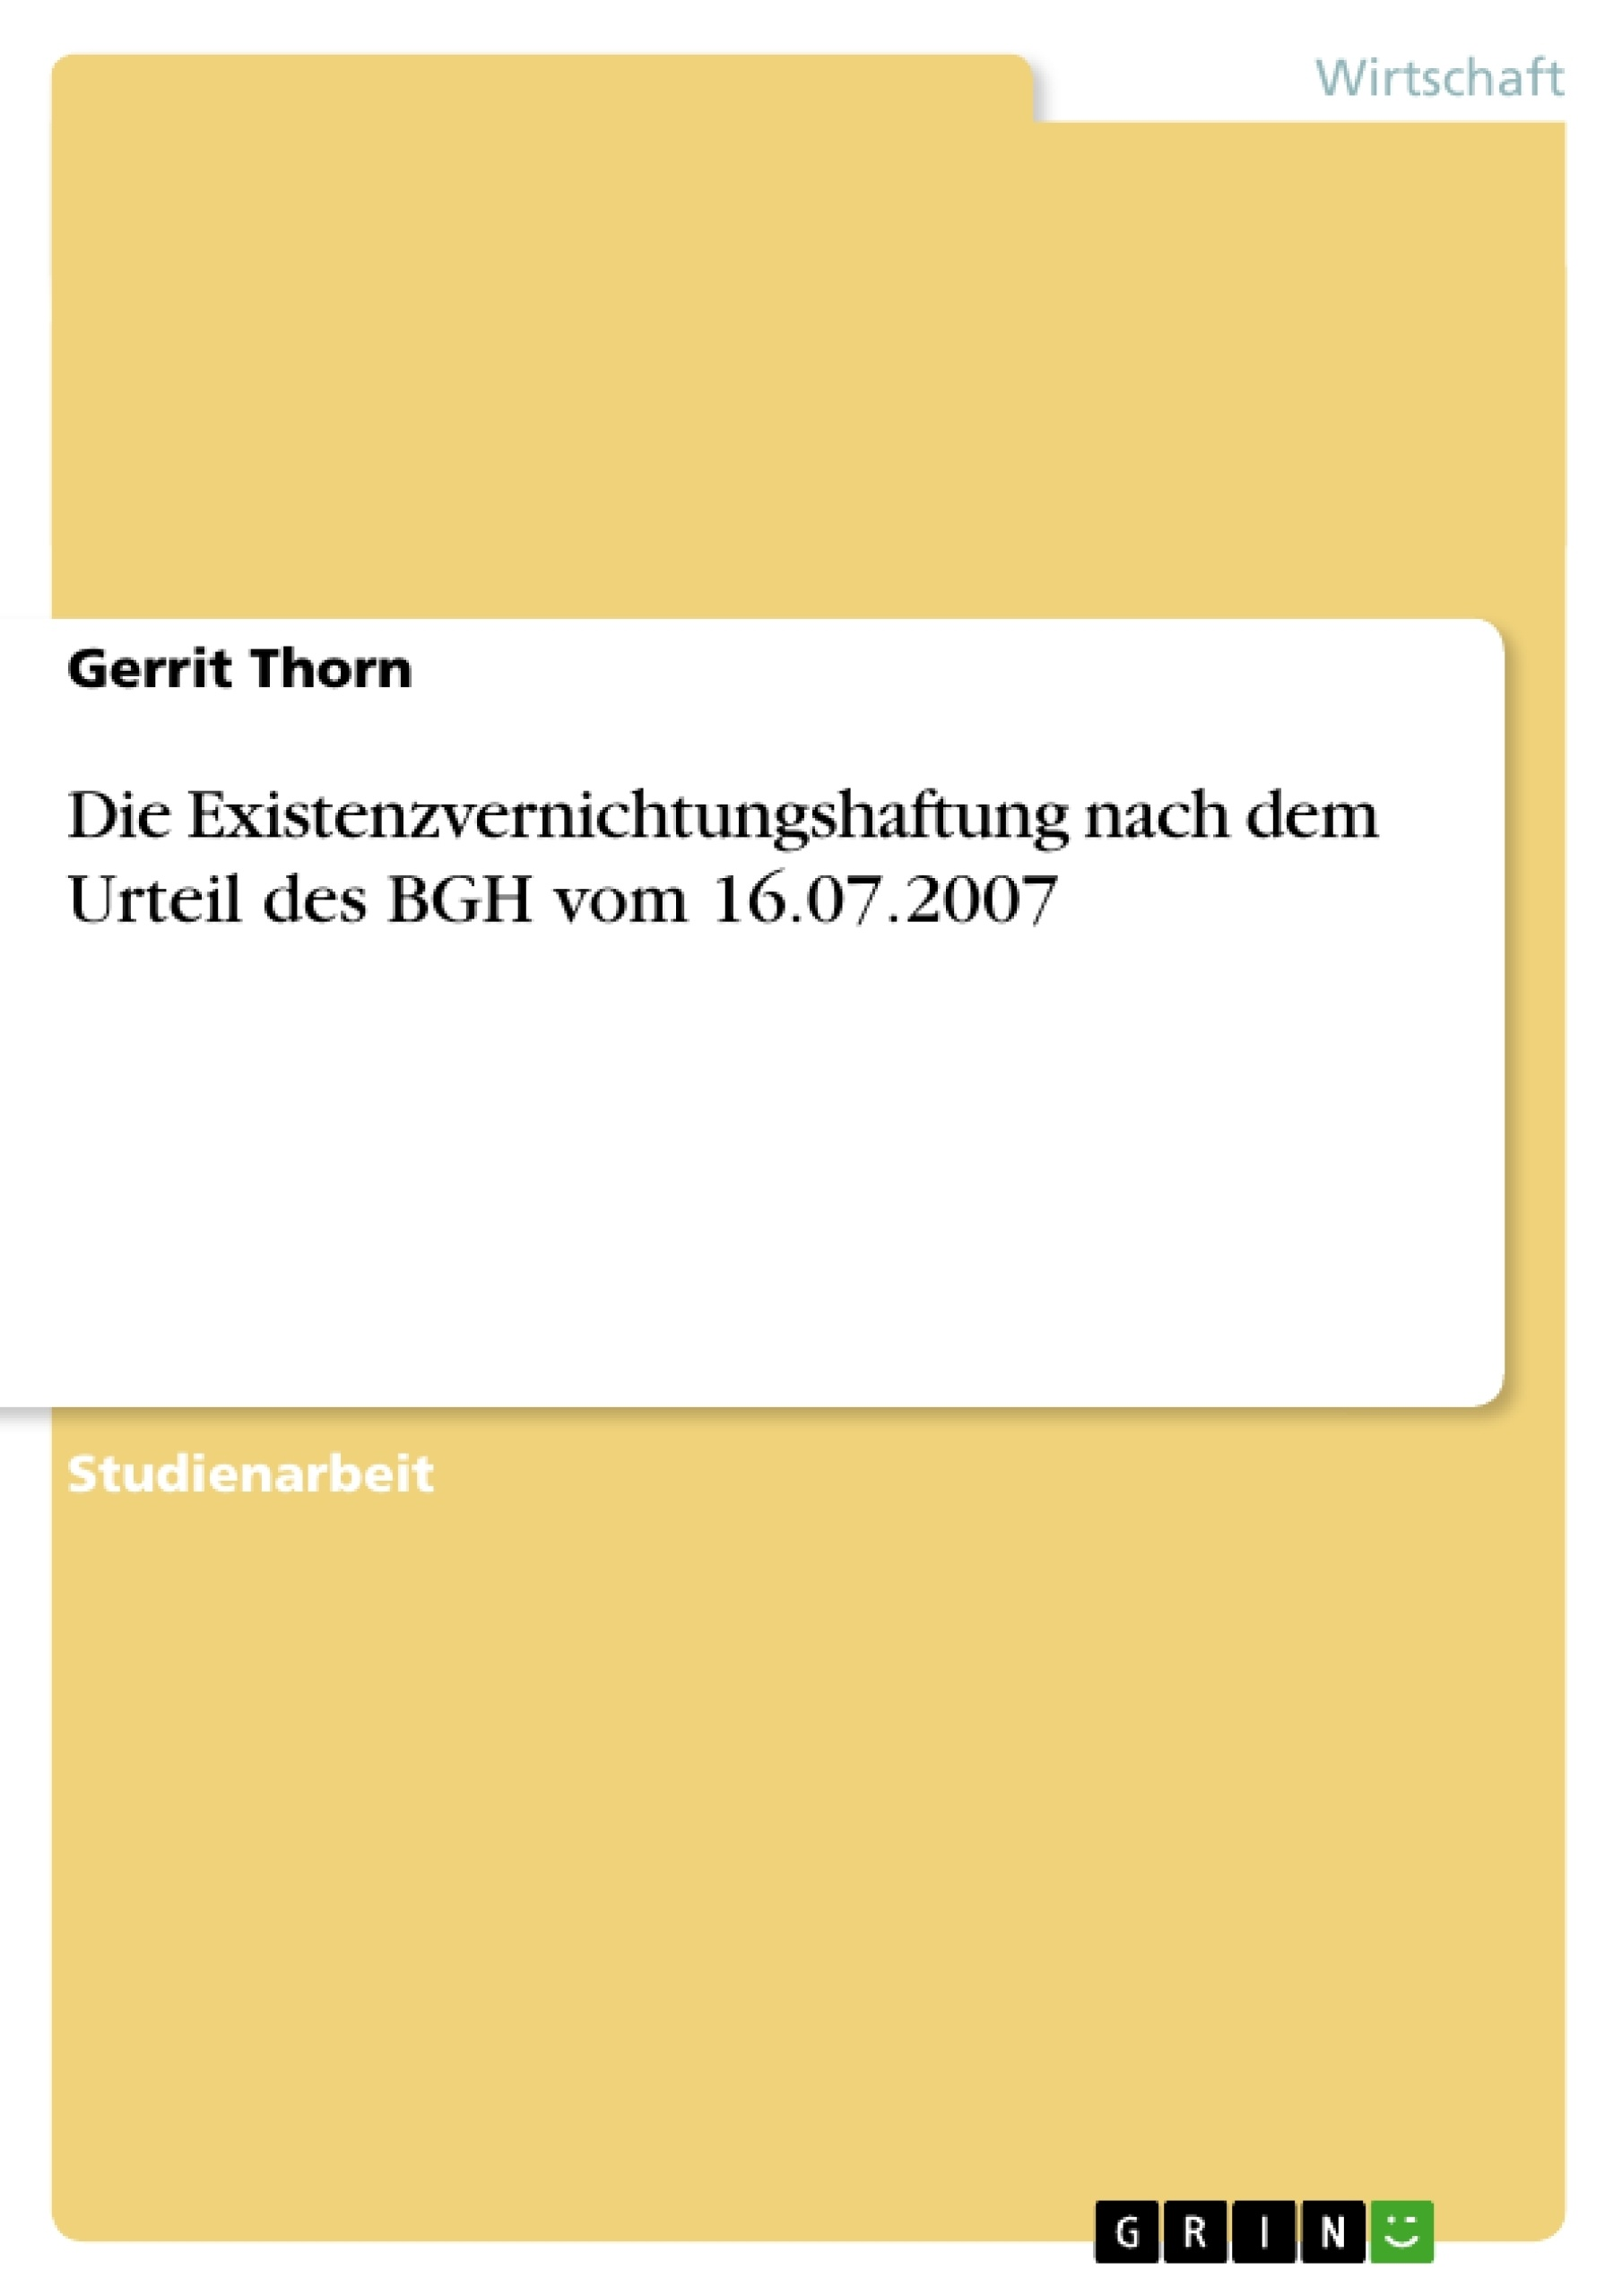 Titel: Die Existenzvernichtungshaftung nach dem Urteil des BGH vom 16.07.2007